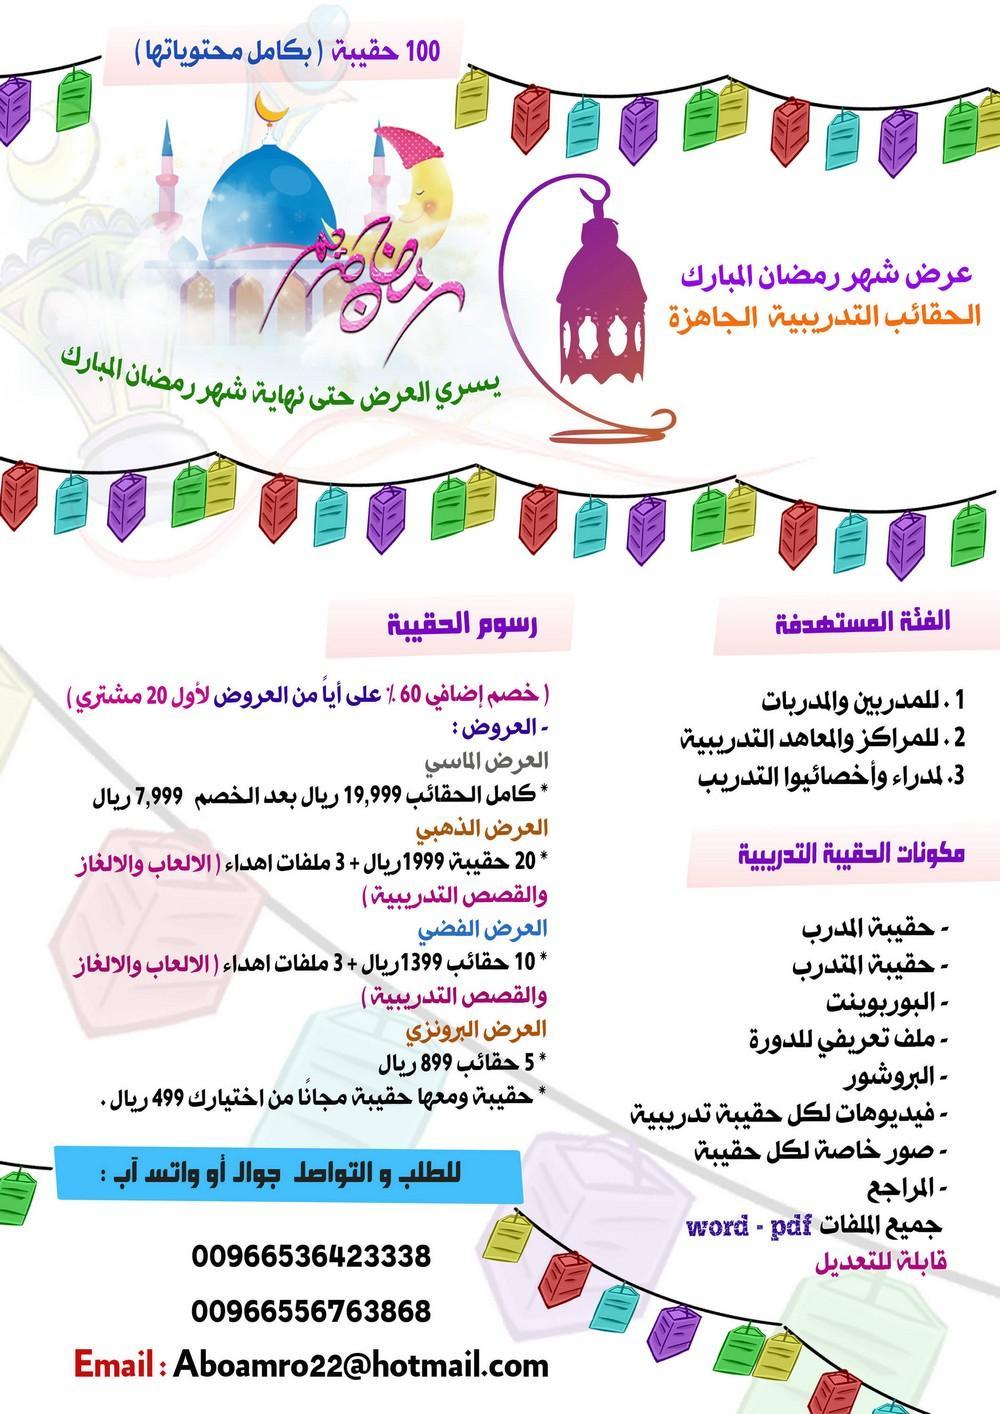 عرض شهر رمضان المبارك - الحقائب التدريبية الجاهزة